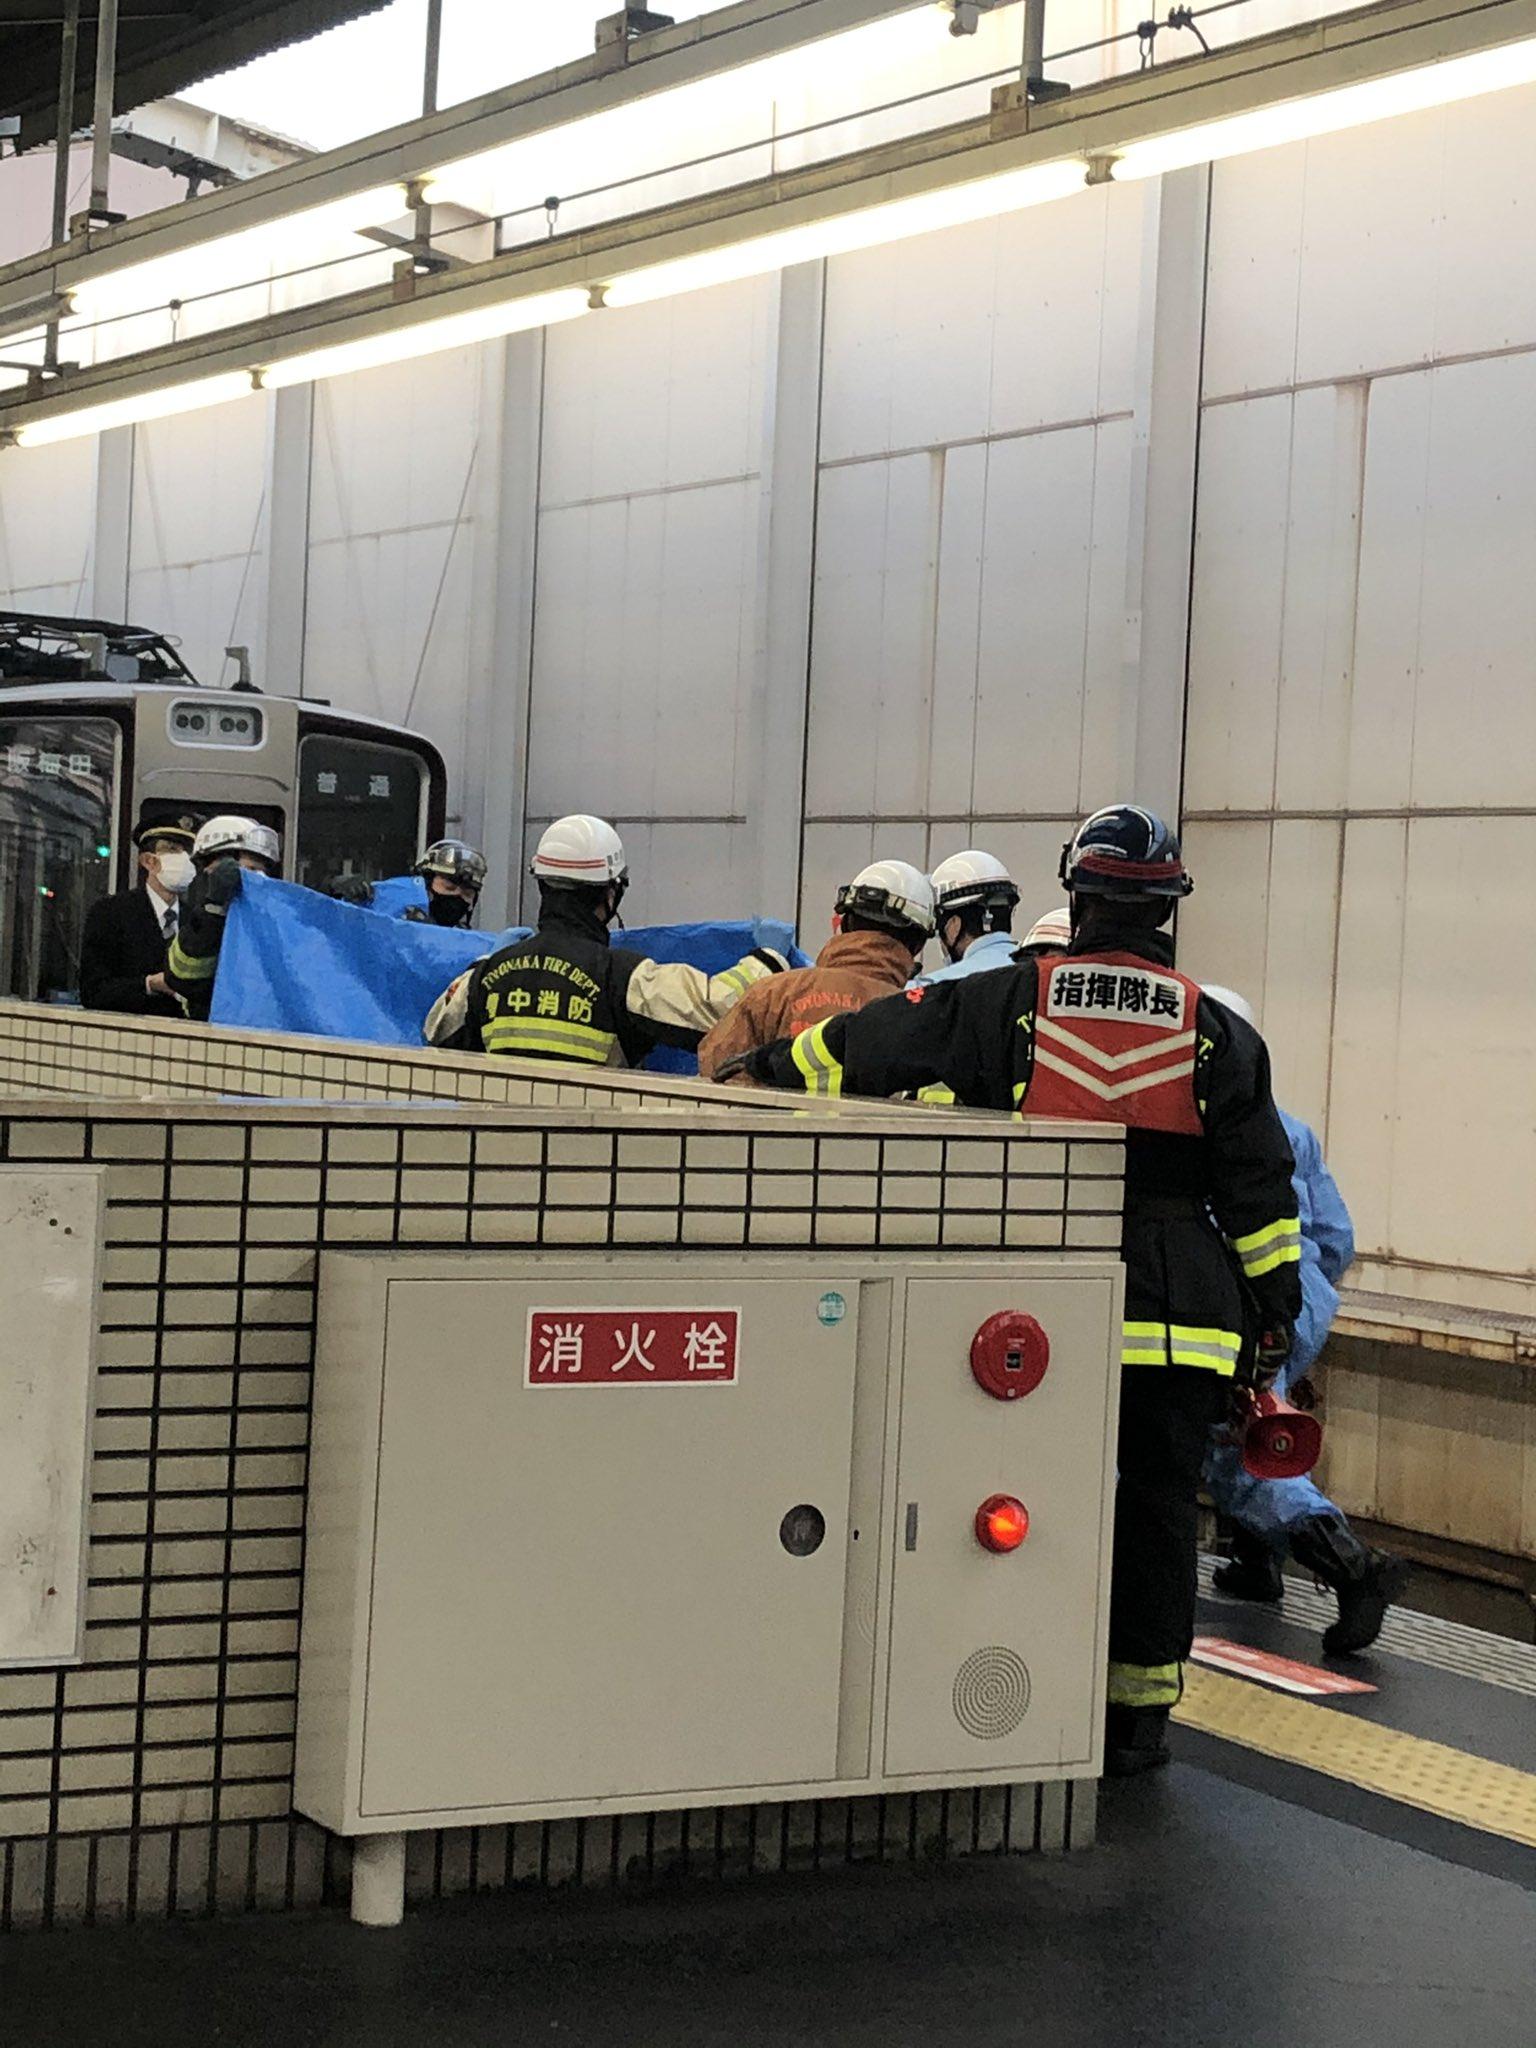 岡町駅の人身事故で救護活動している画像